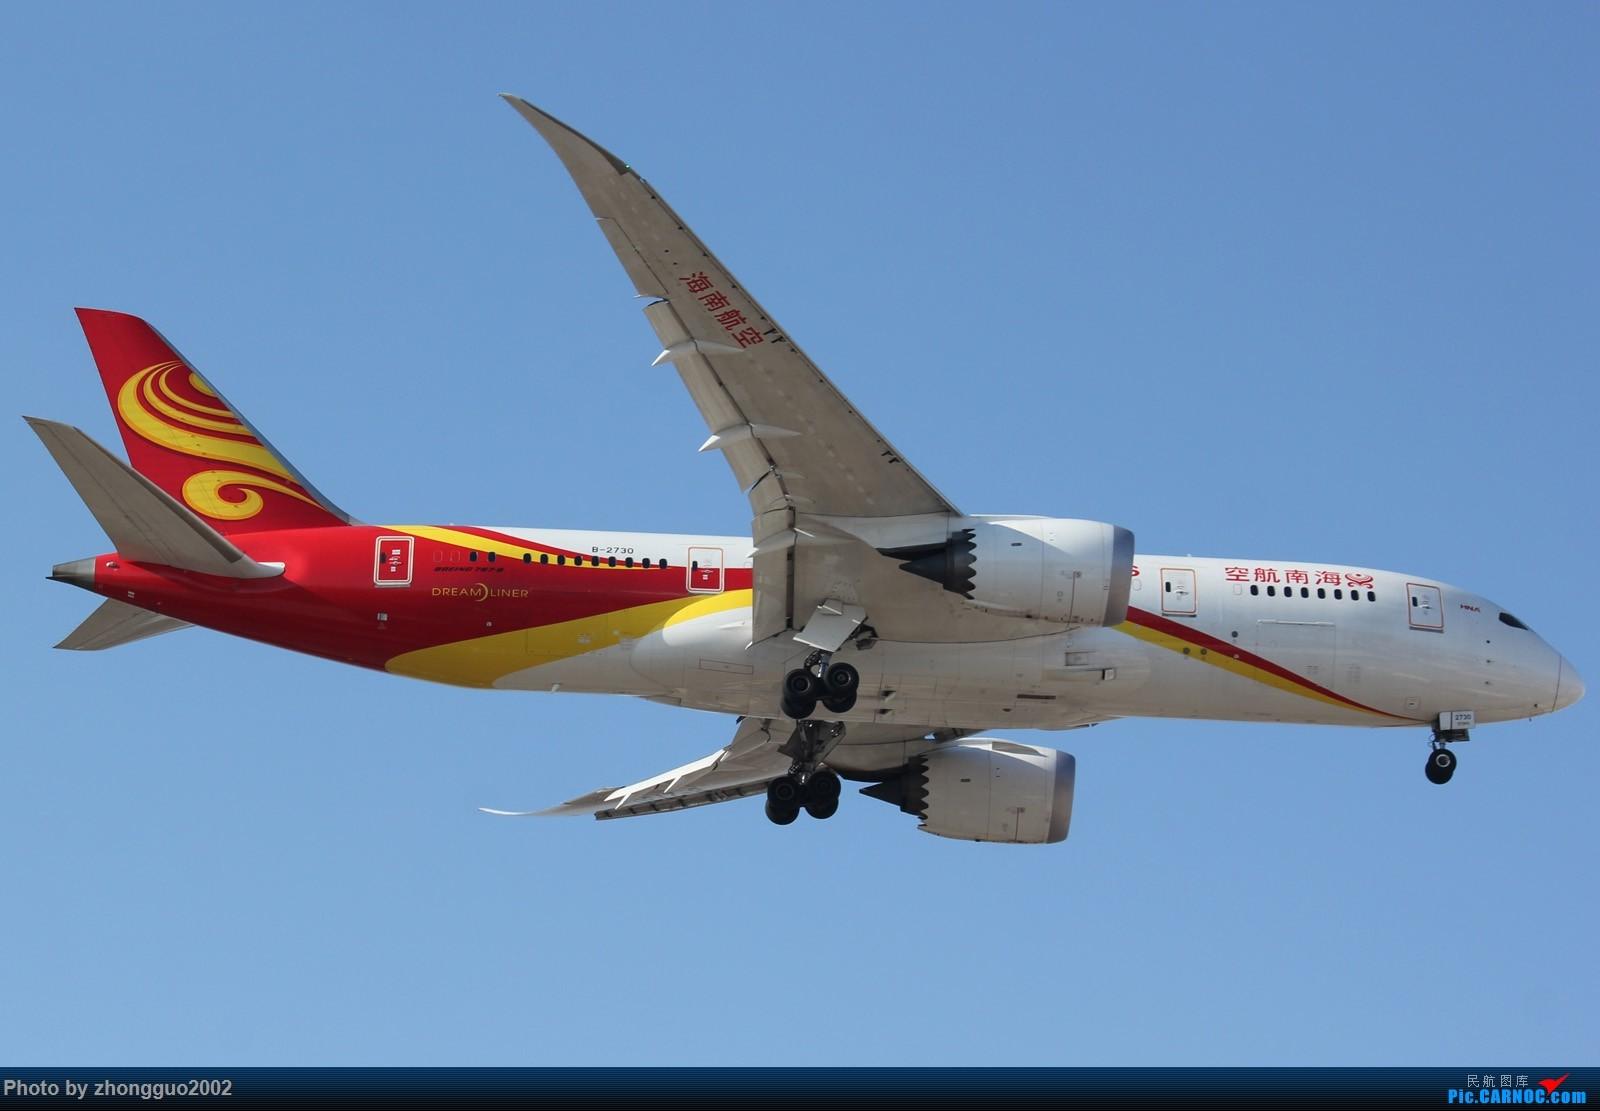 """Re:[原创]北京强劲的偏北风,把庞大的A380都""""吹""""的复飞了,我还是第一次见到,好天气再发点图吧! BOEING 787-8 B-2730 中国北京首都国际机场"""